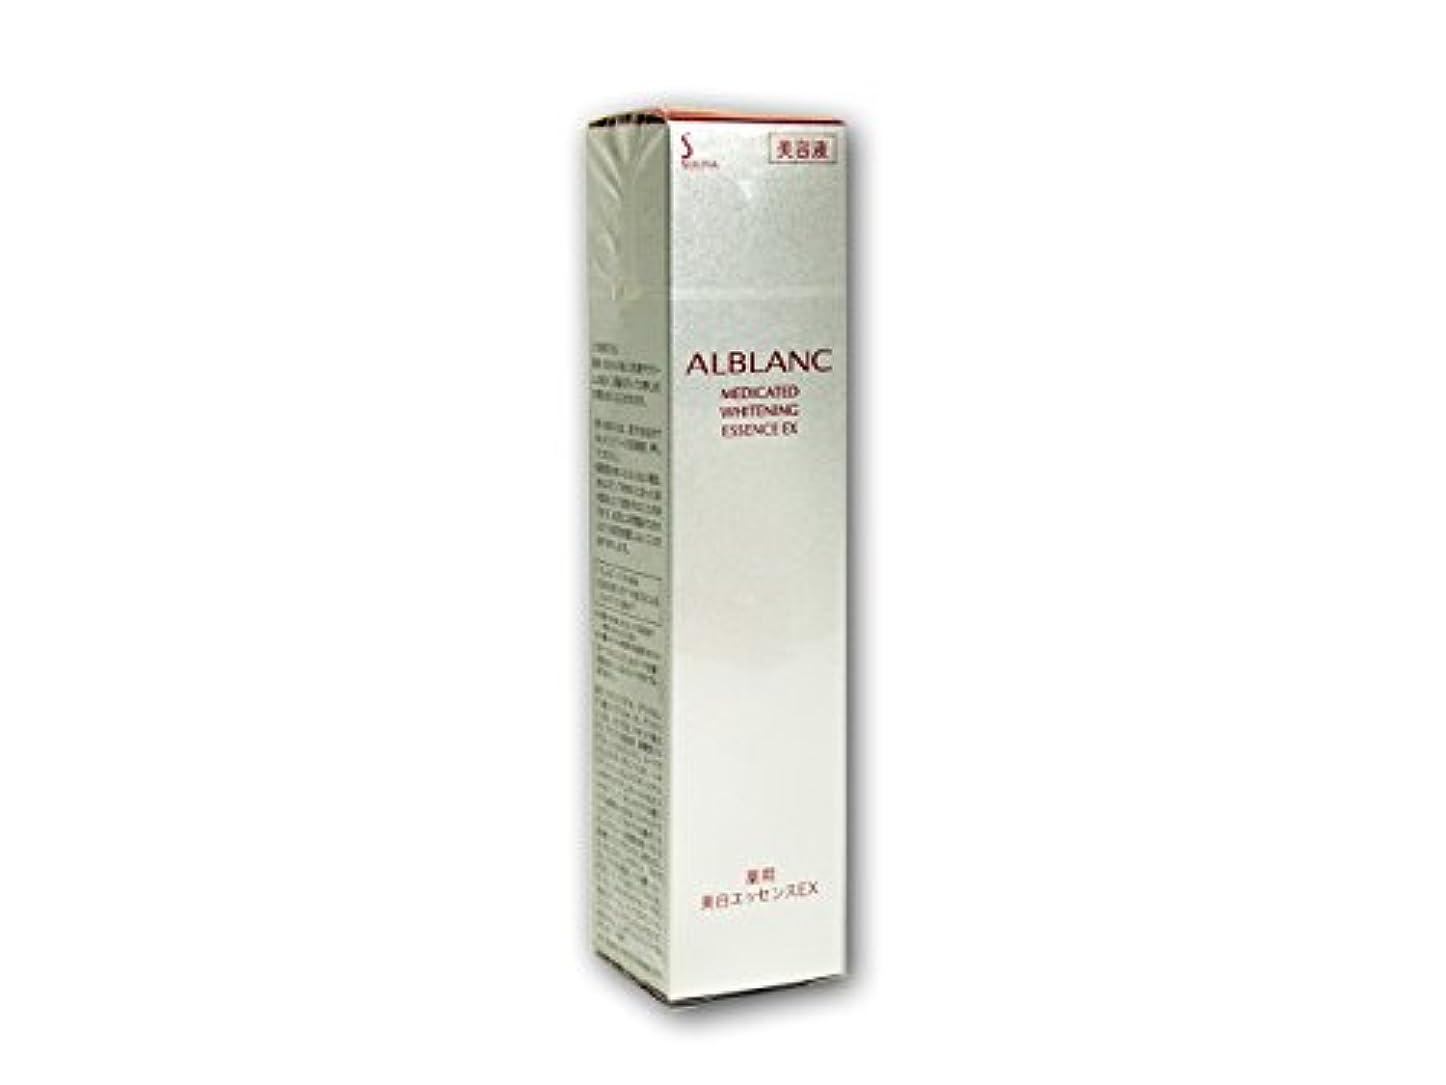 おかしい方法サンプル花王 ソフィーナ アルブラン 薬用美白エッセンスEX 40g